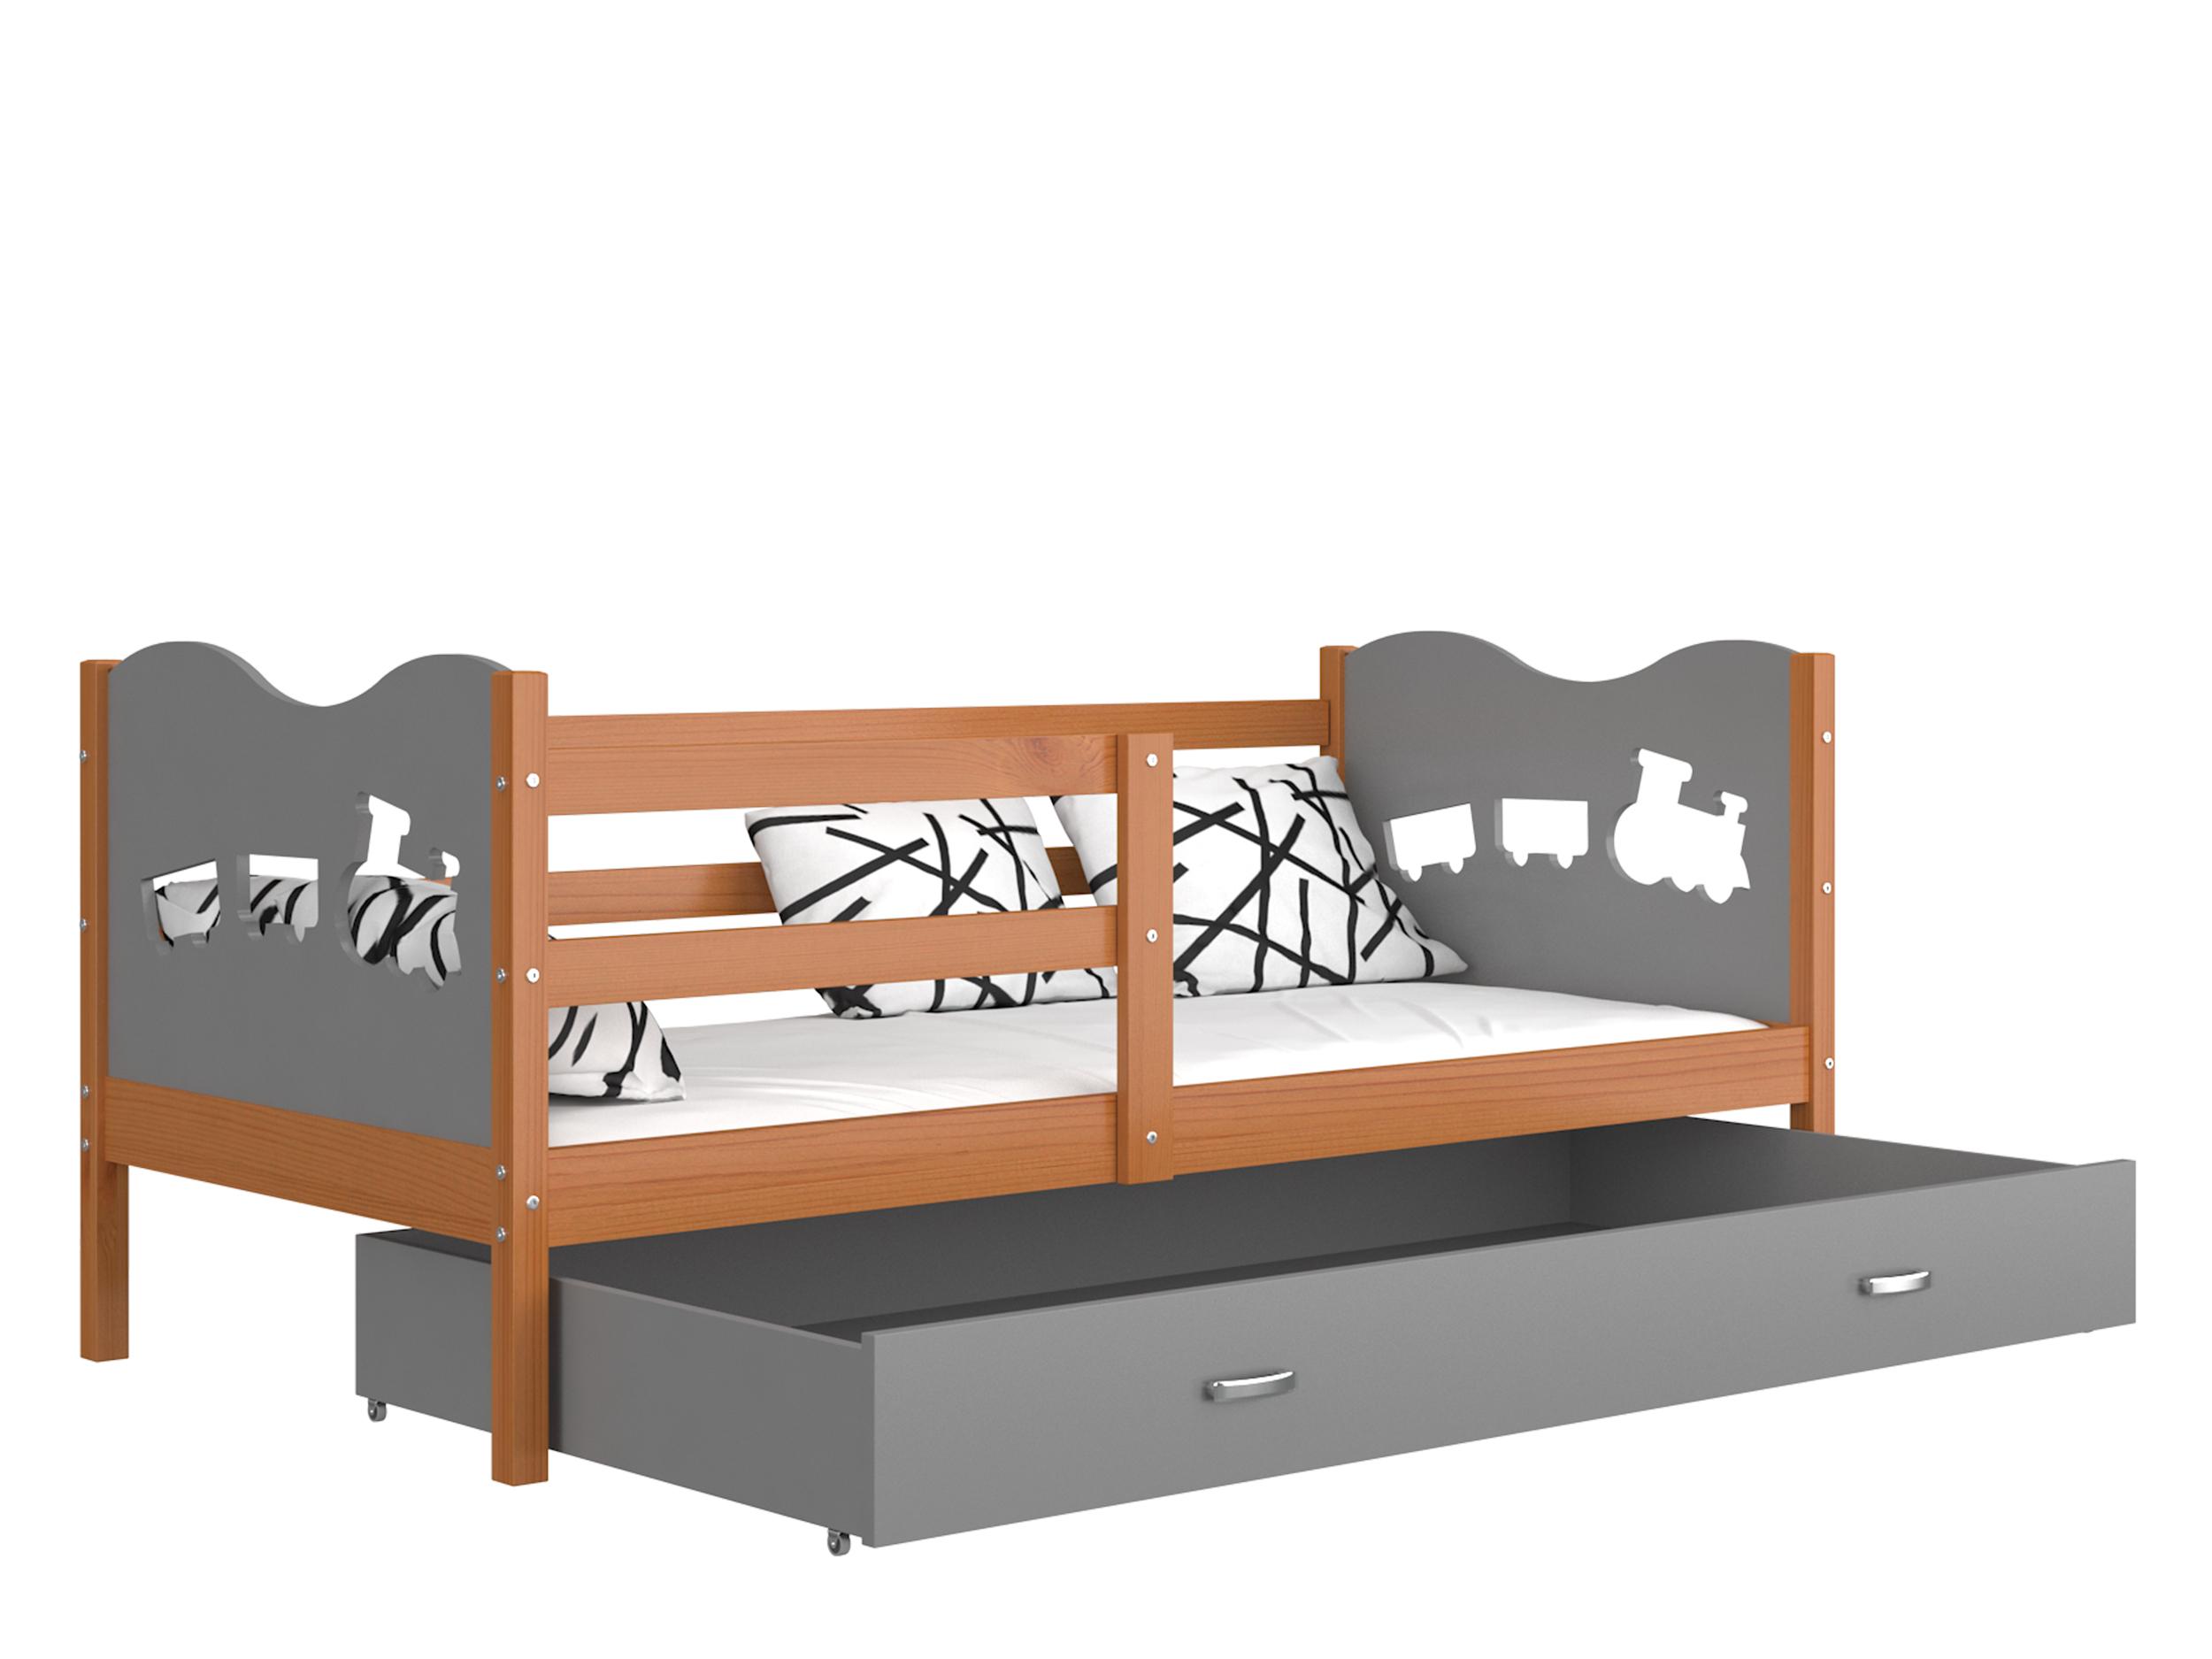 ArtAJ Detská posteľ MAX P drevo / MDF 200 x 90 cm Farba: jelša / sivá 200 x 90 cm s matracom